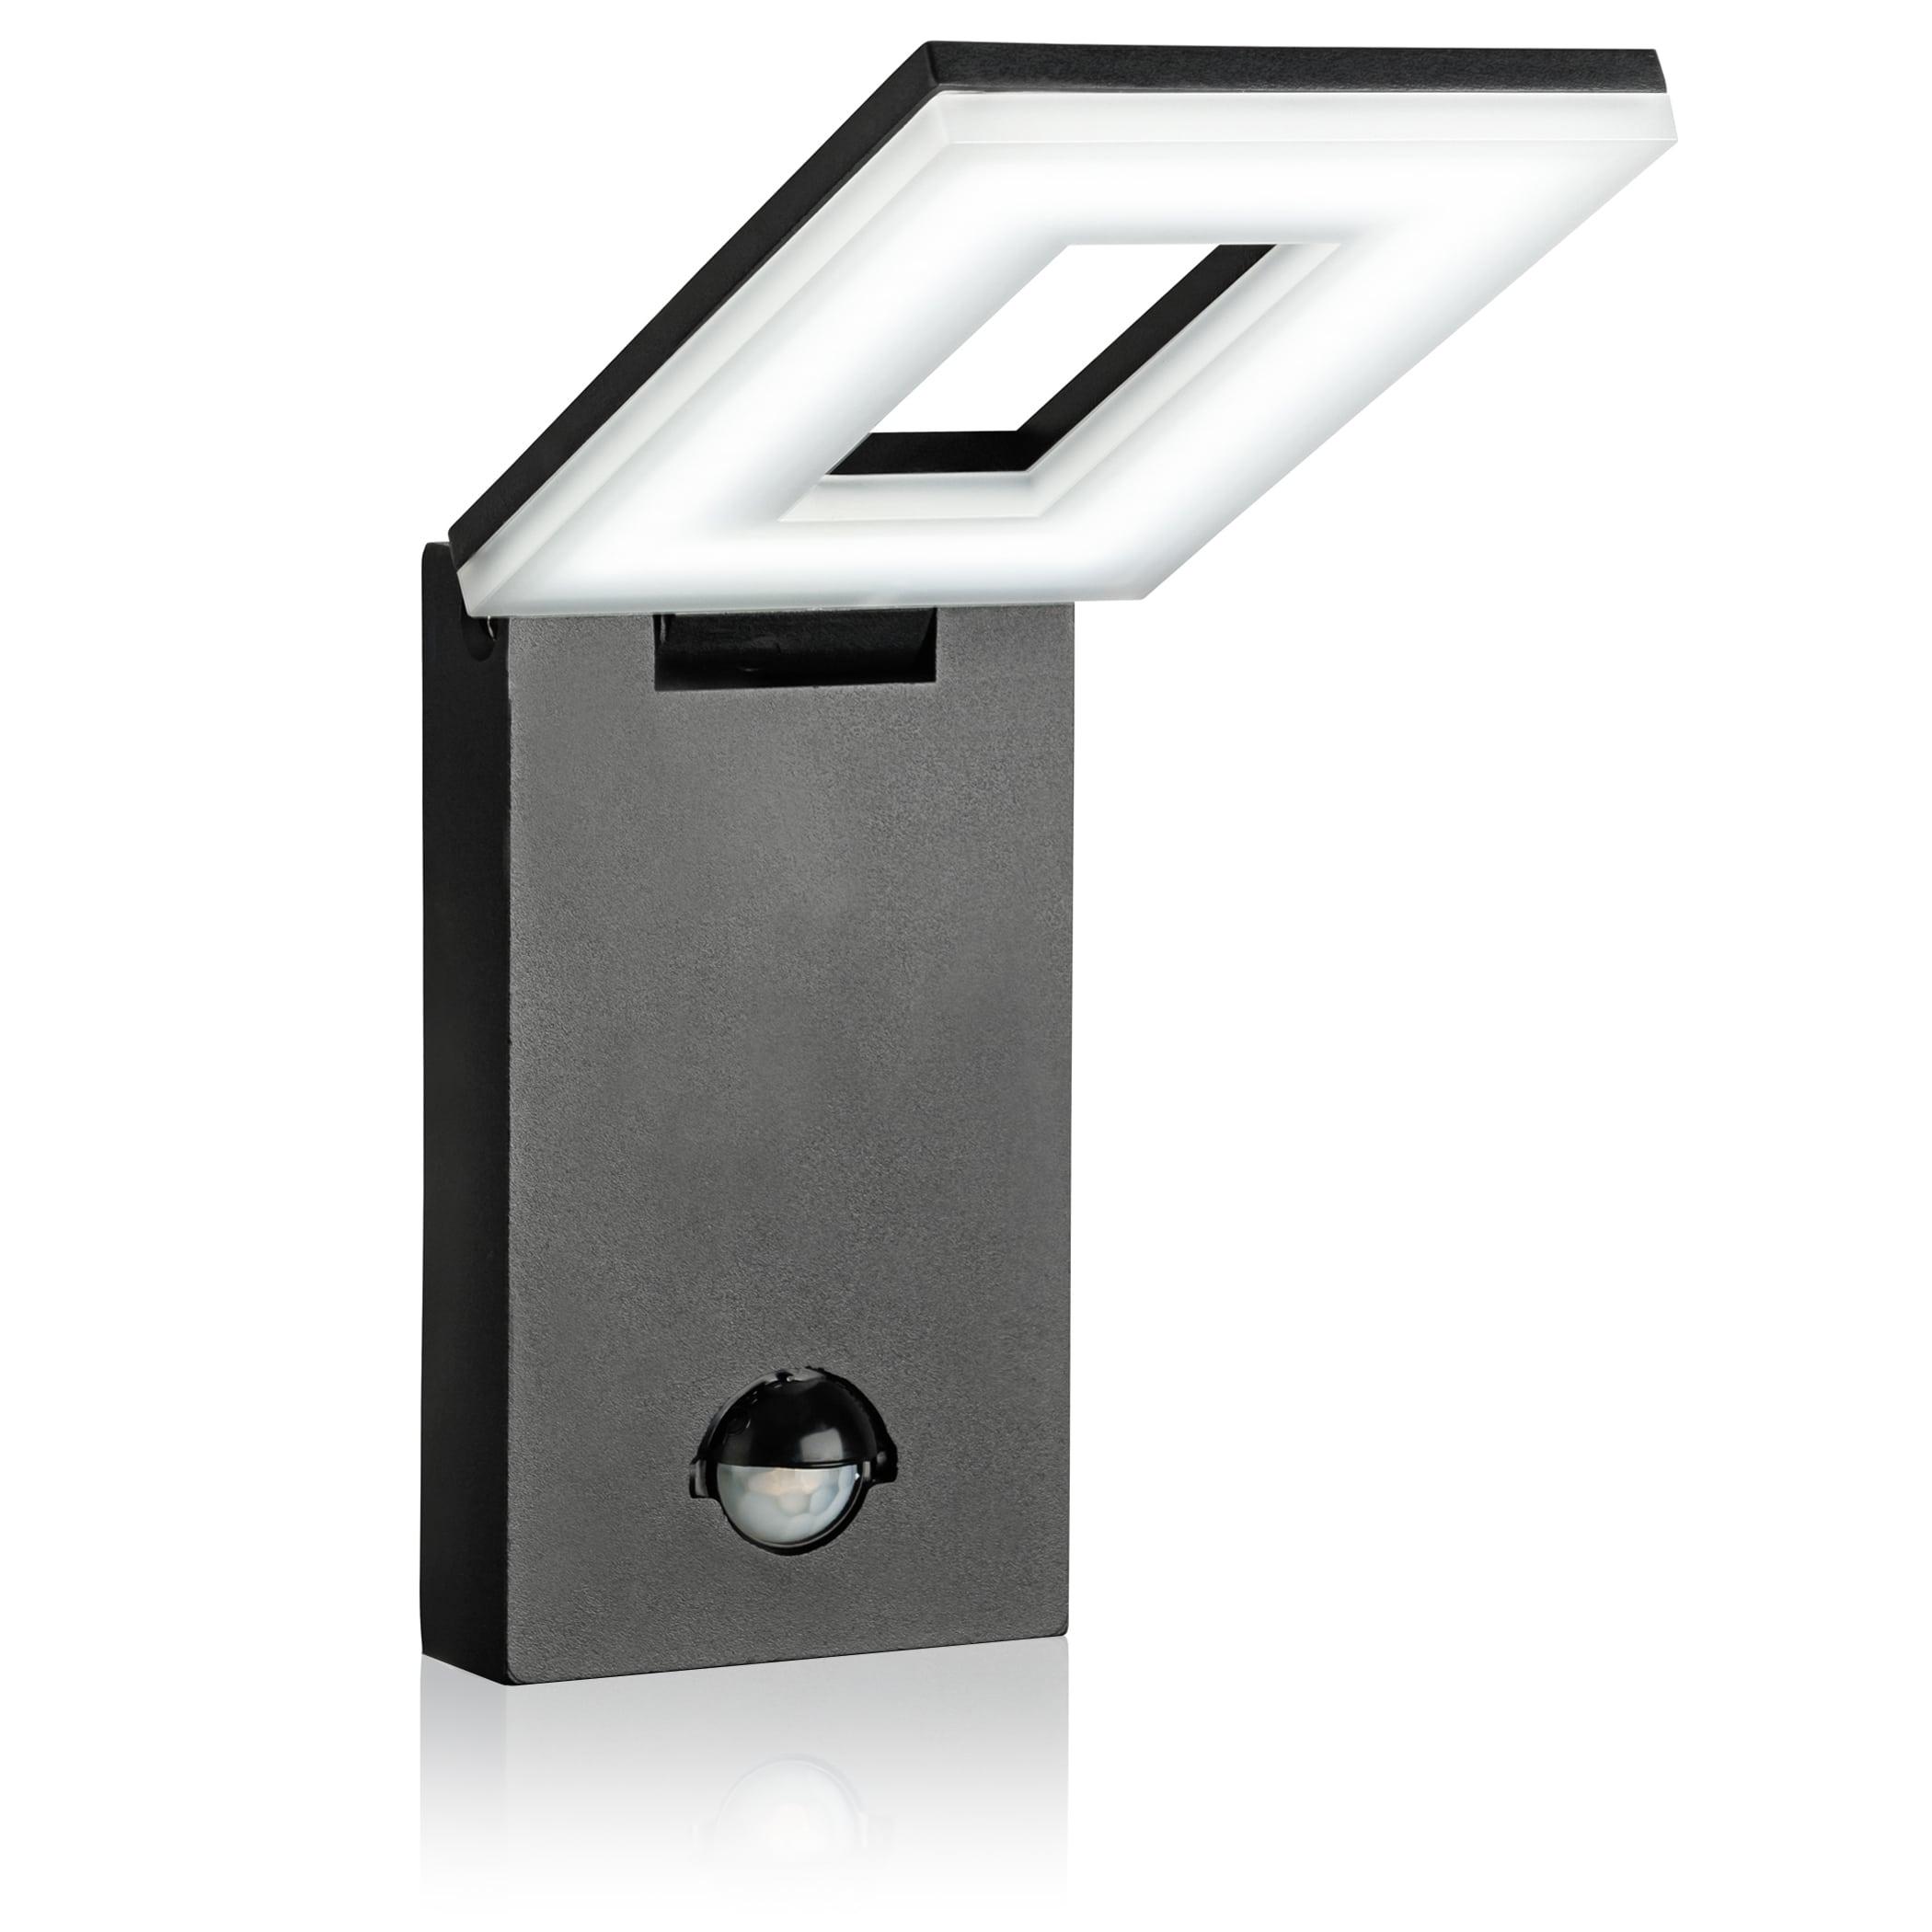 LED Außenleuchte mit Bewegungsmelder 20W   LED Lampen und Leuchten im LED  Shop kaufen